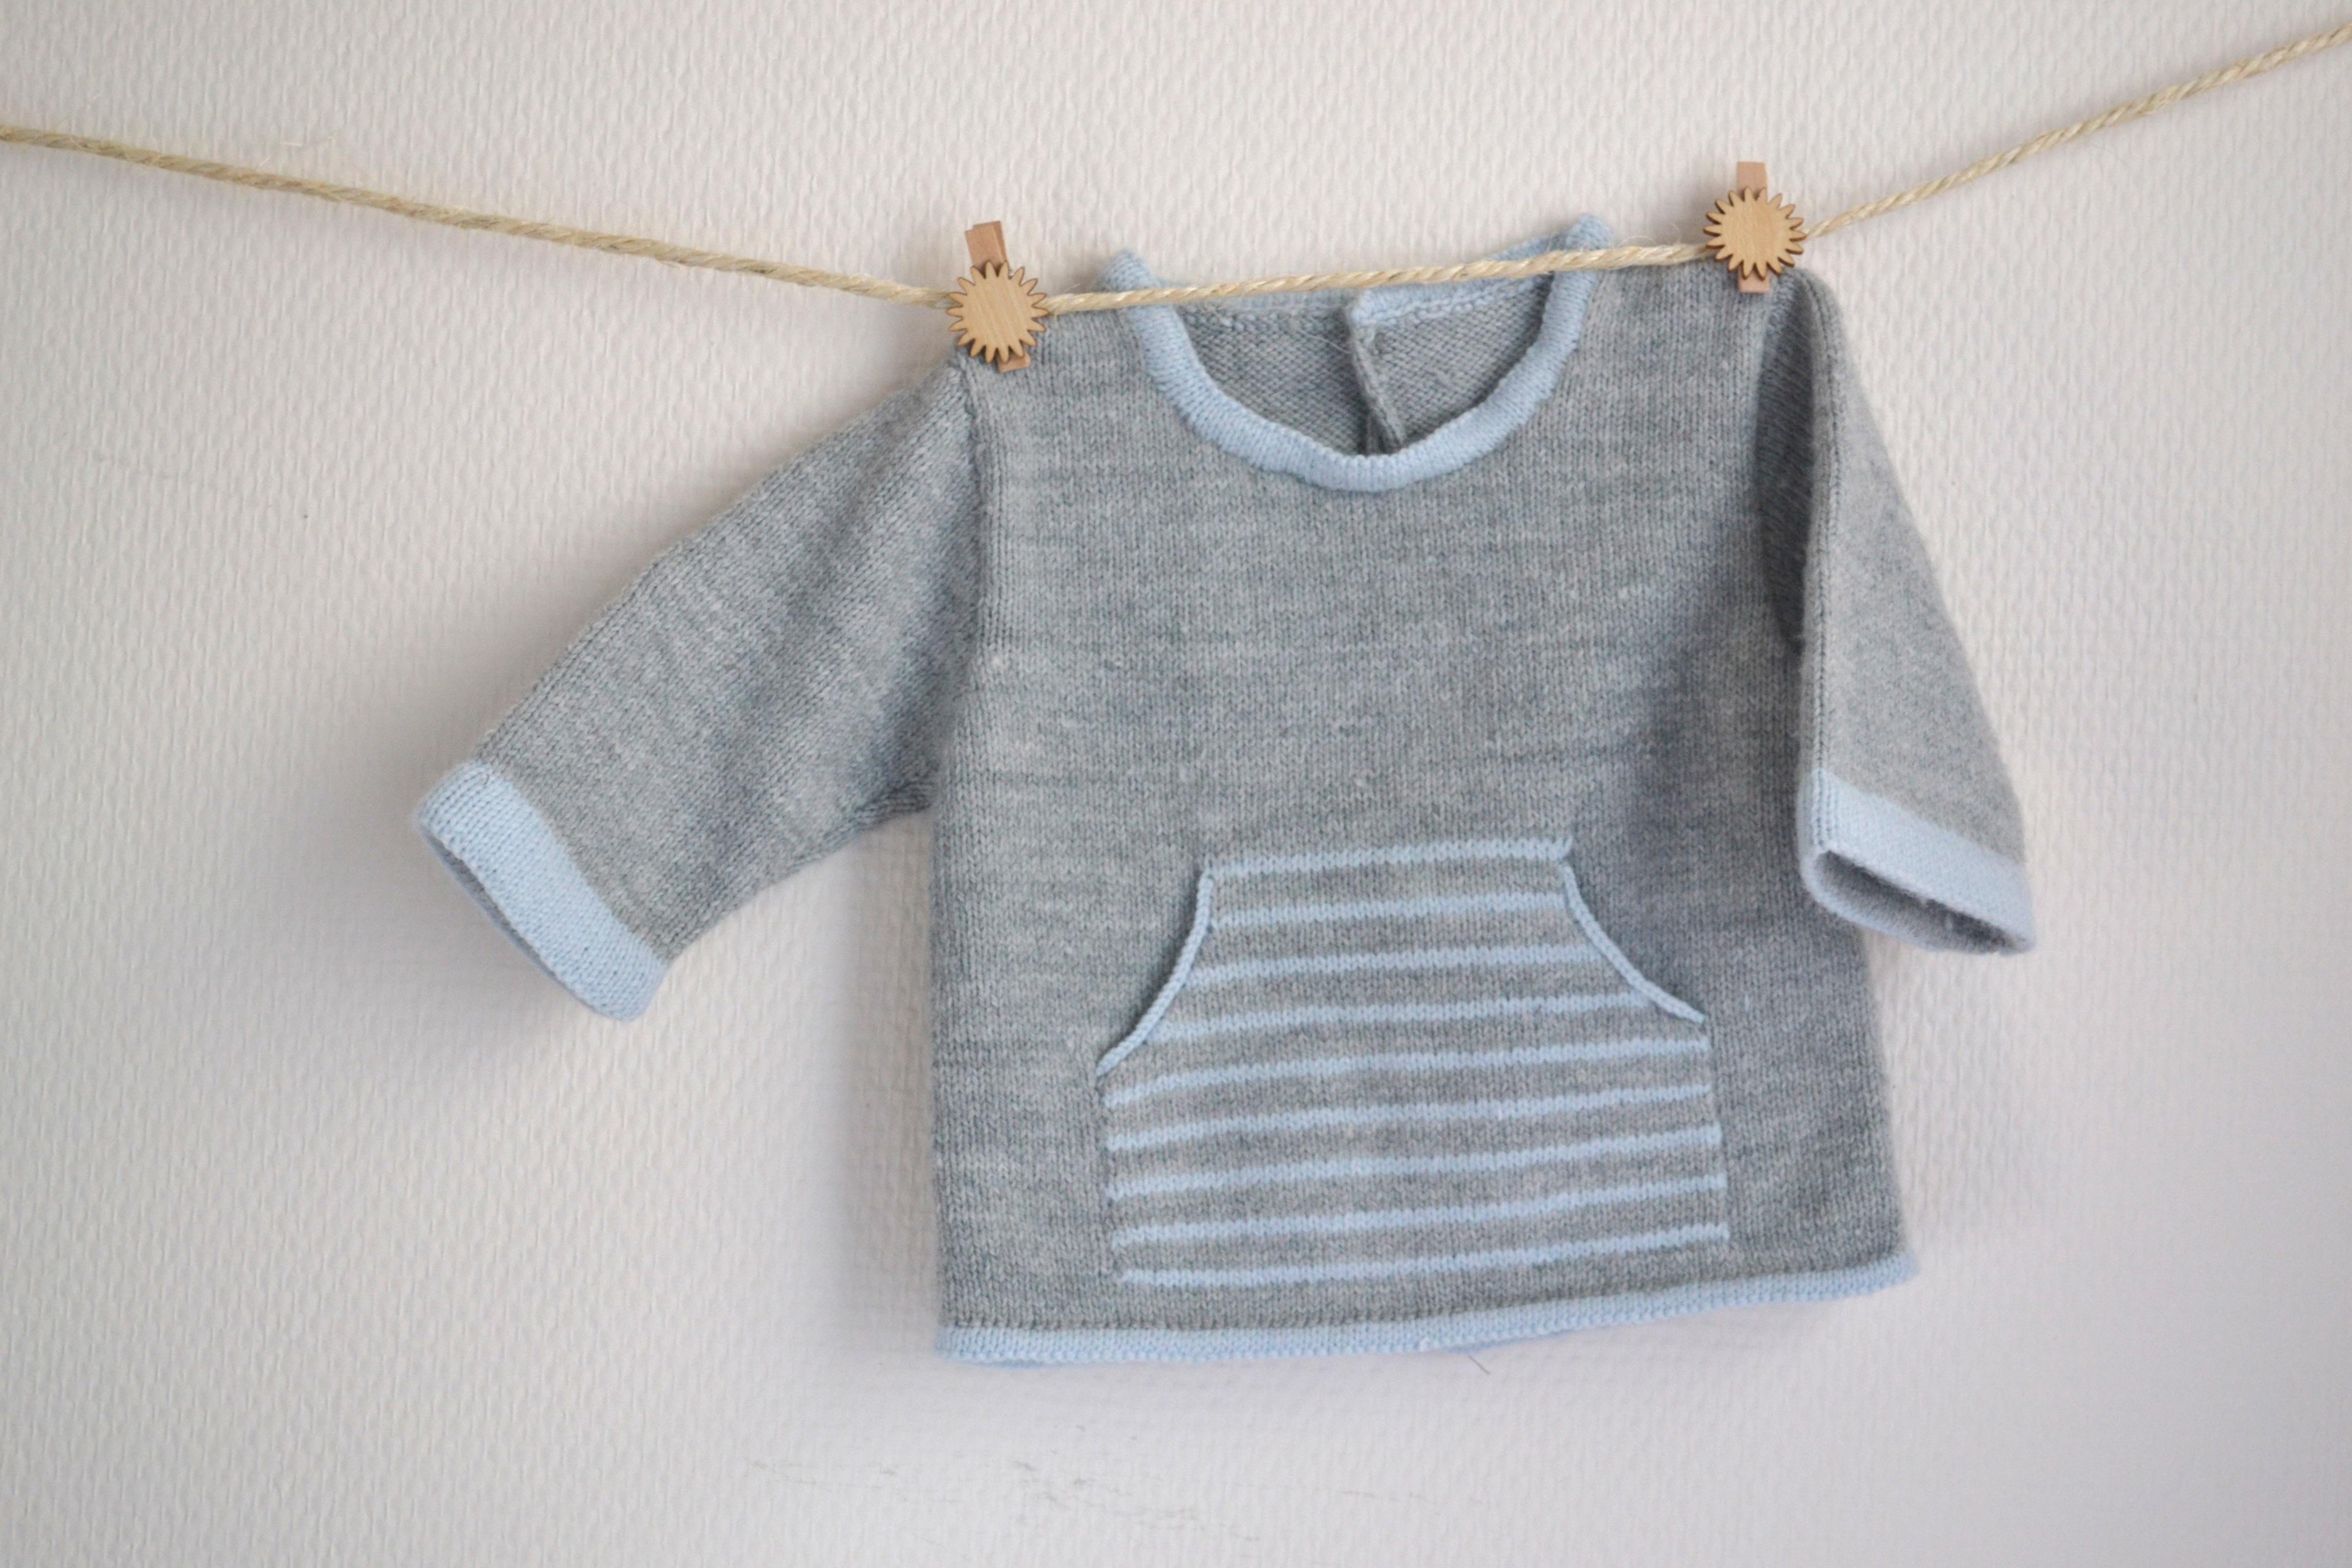 de3fb661df9da Modele tricot layette naissance gratuit - Chapka